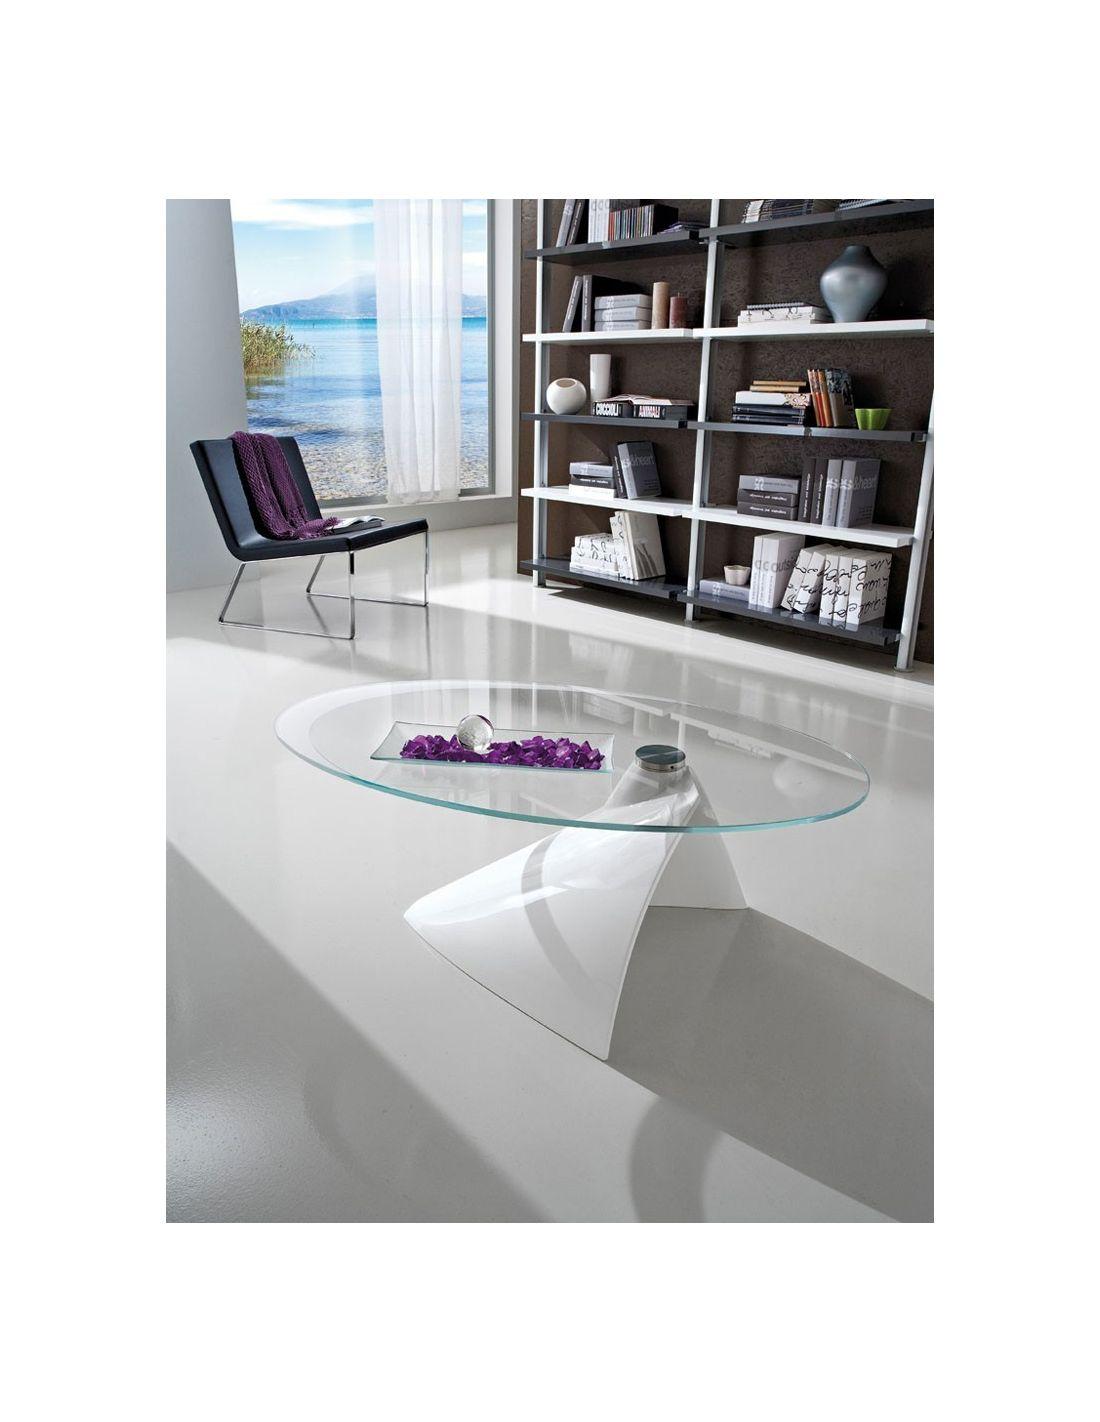 Dalvin tavolino in vetro da soggiorno ellittico 100 x 55 cm - Tavolino soggiorno ...